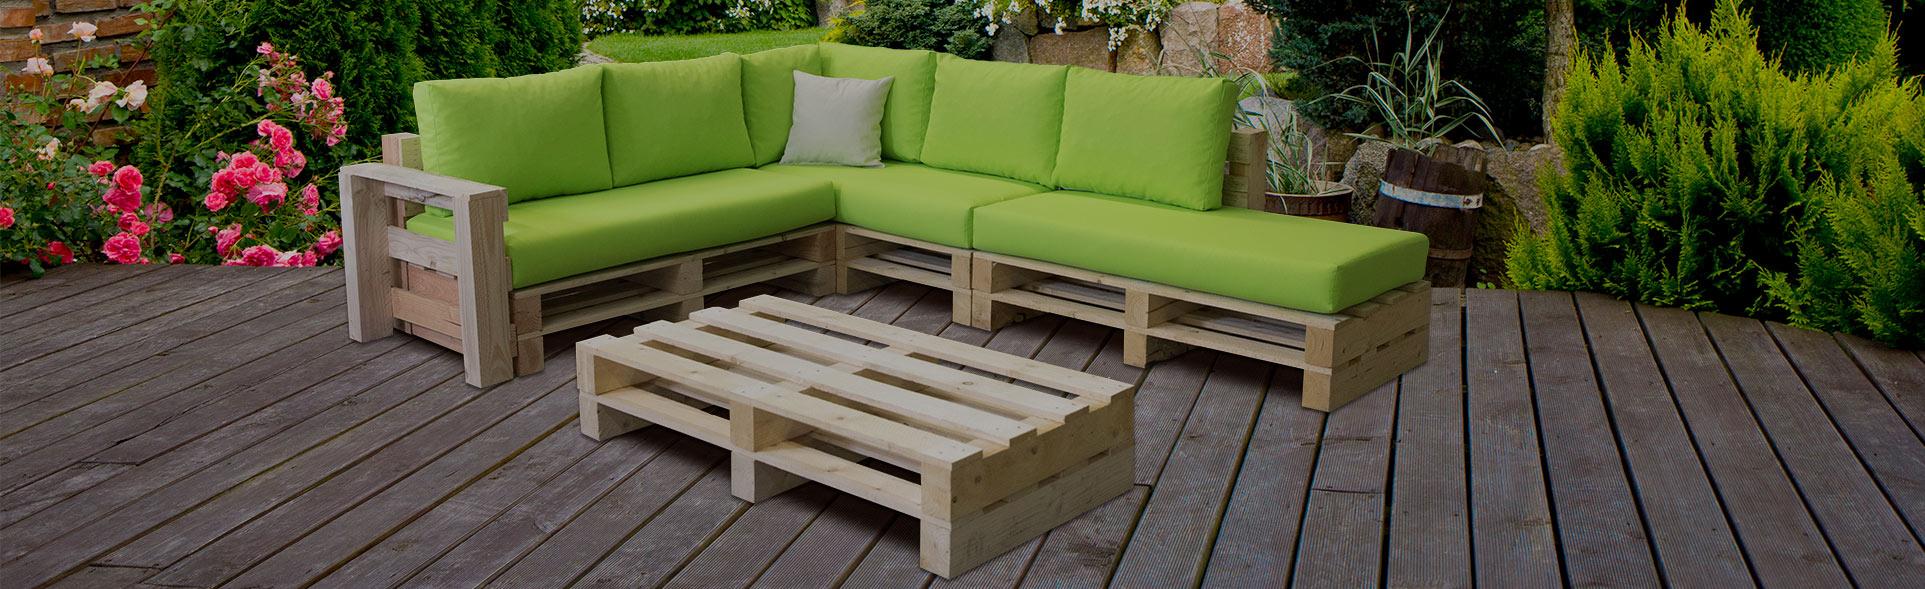 Modulpop - Composez Le Canapé Palette Idéal Pour Votre Extérieur à Canapé De Jardin En Palette